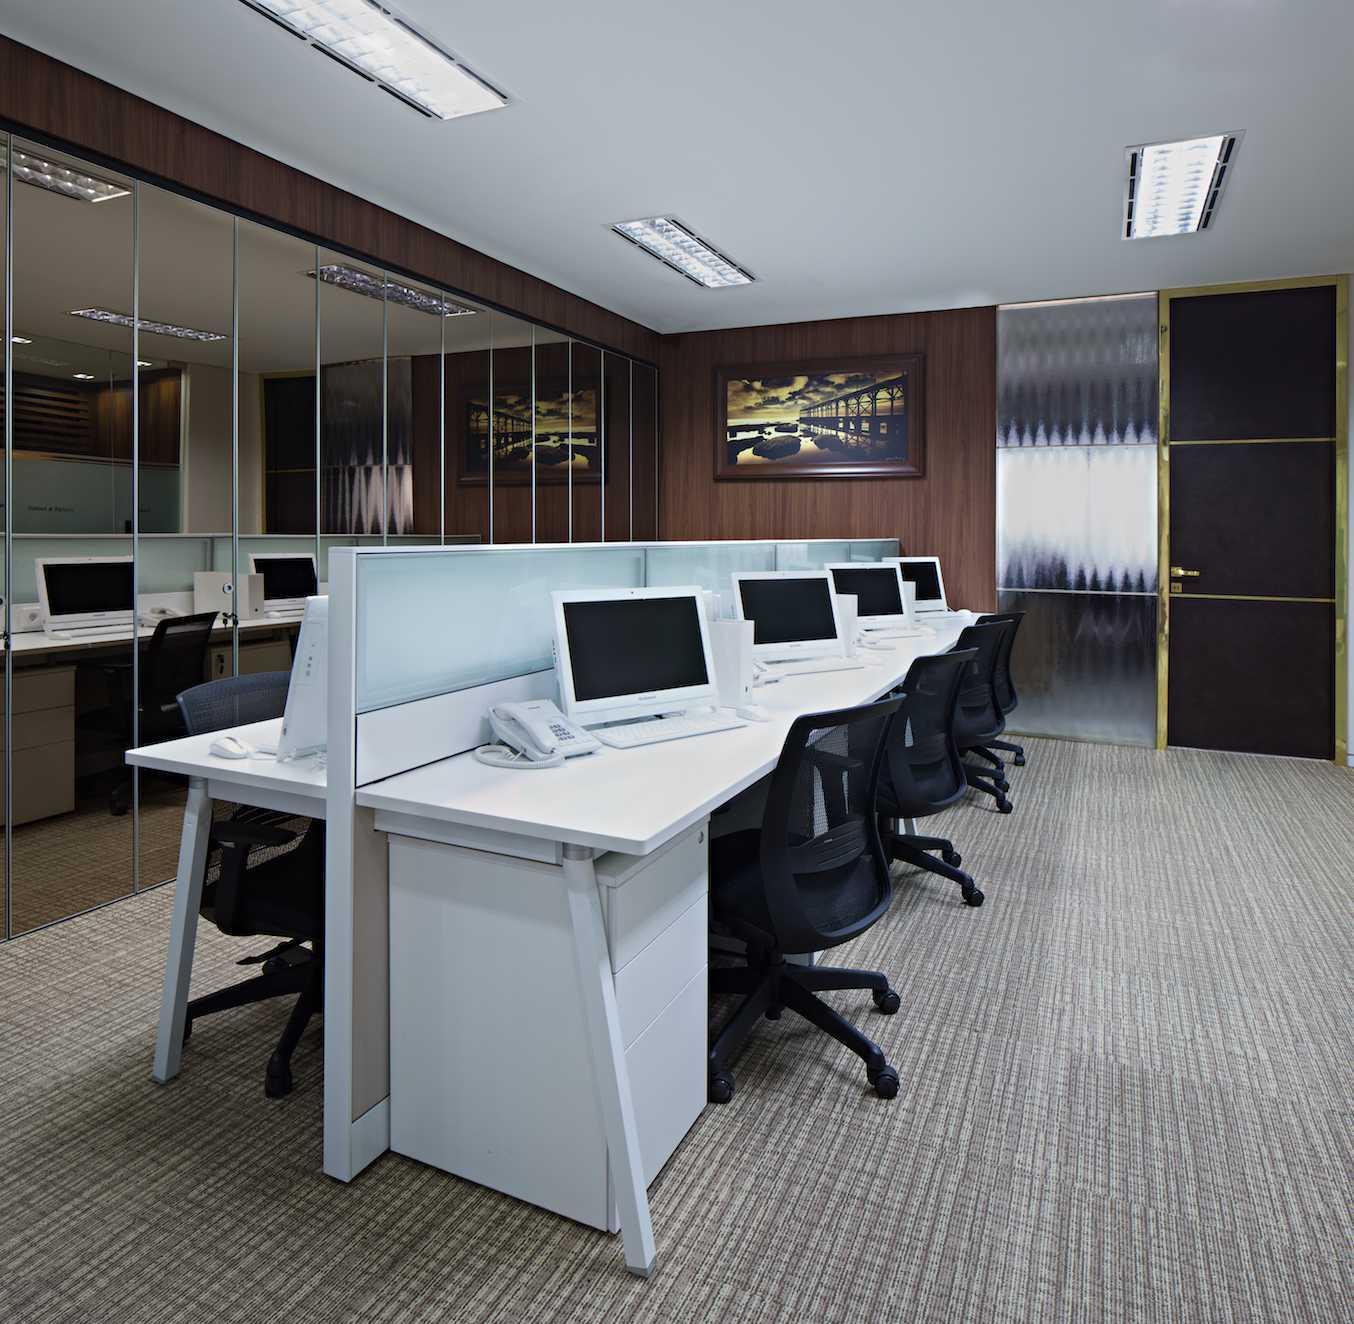 Foto inspirasi ide desain ruang kerja klasik Working area oleh PT Asa Adiguna di Arsitag